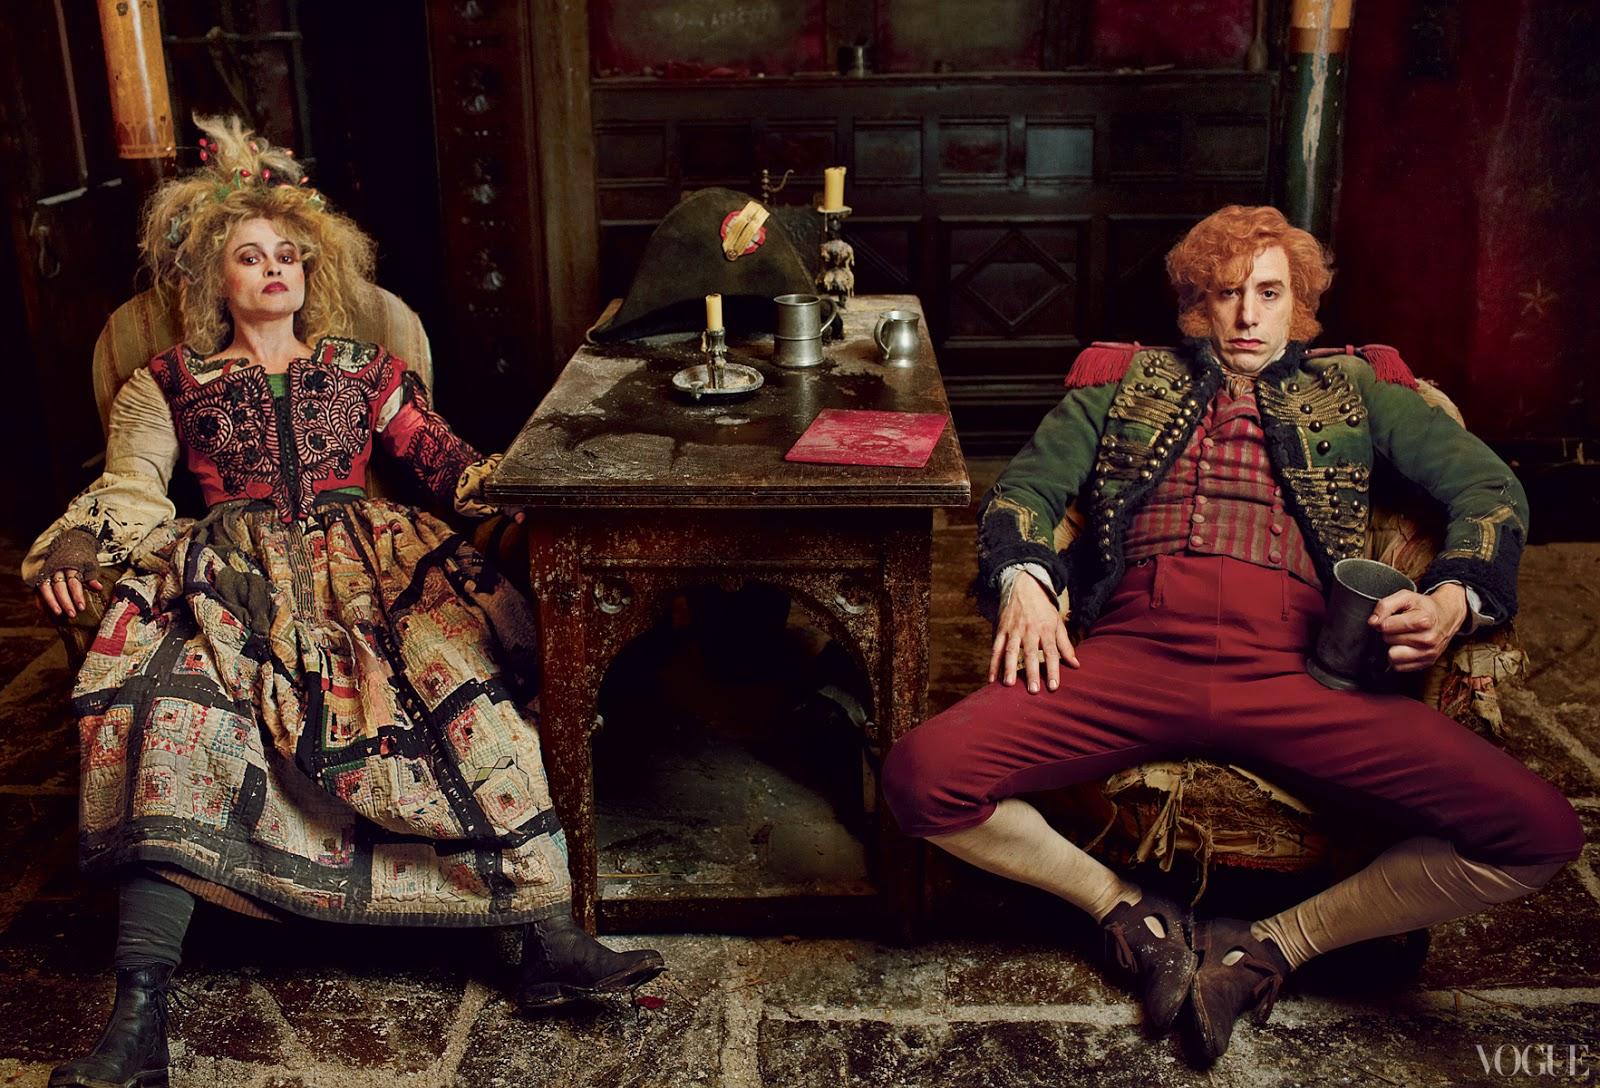 http://4.bp.blogspot.com/-ldWAfeNuPZs/UQzIXnwDmRI/AAAAAAAAB8Y/d7tGWOCRShE/s1600/helena-bonham-carter-sacha-baron-cohen-les-miserables-photo.jpg